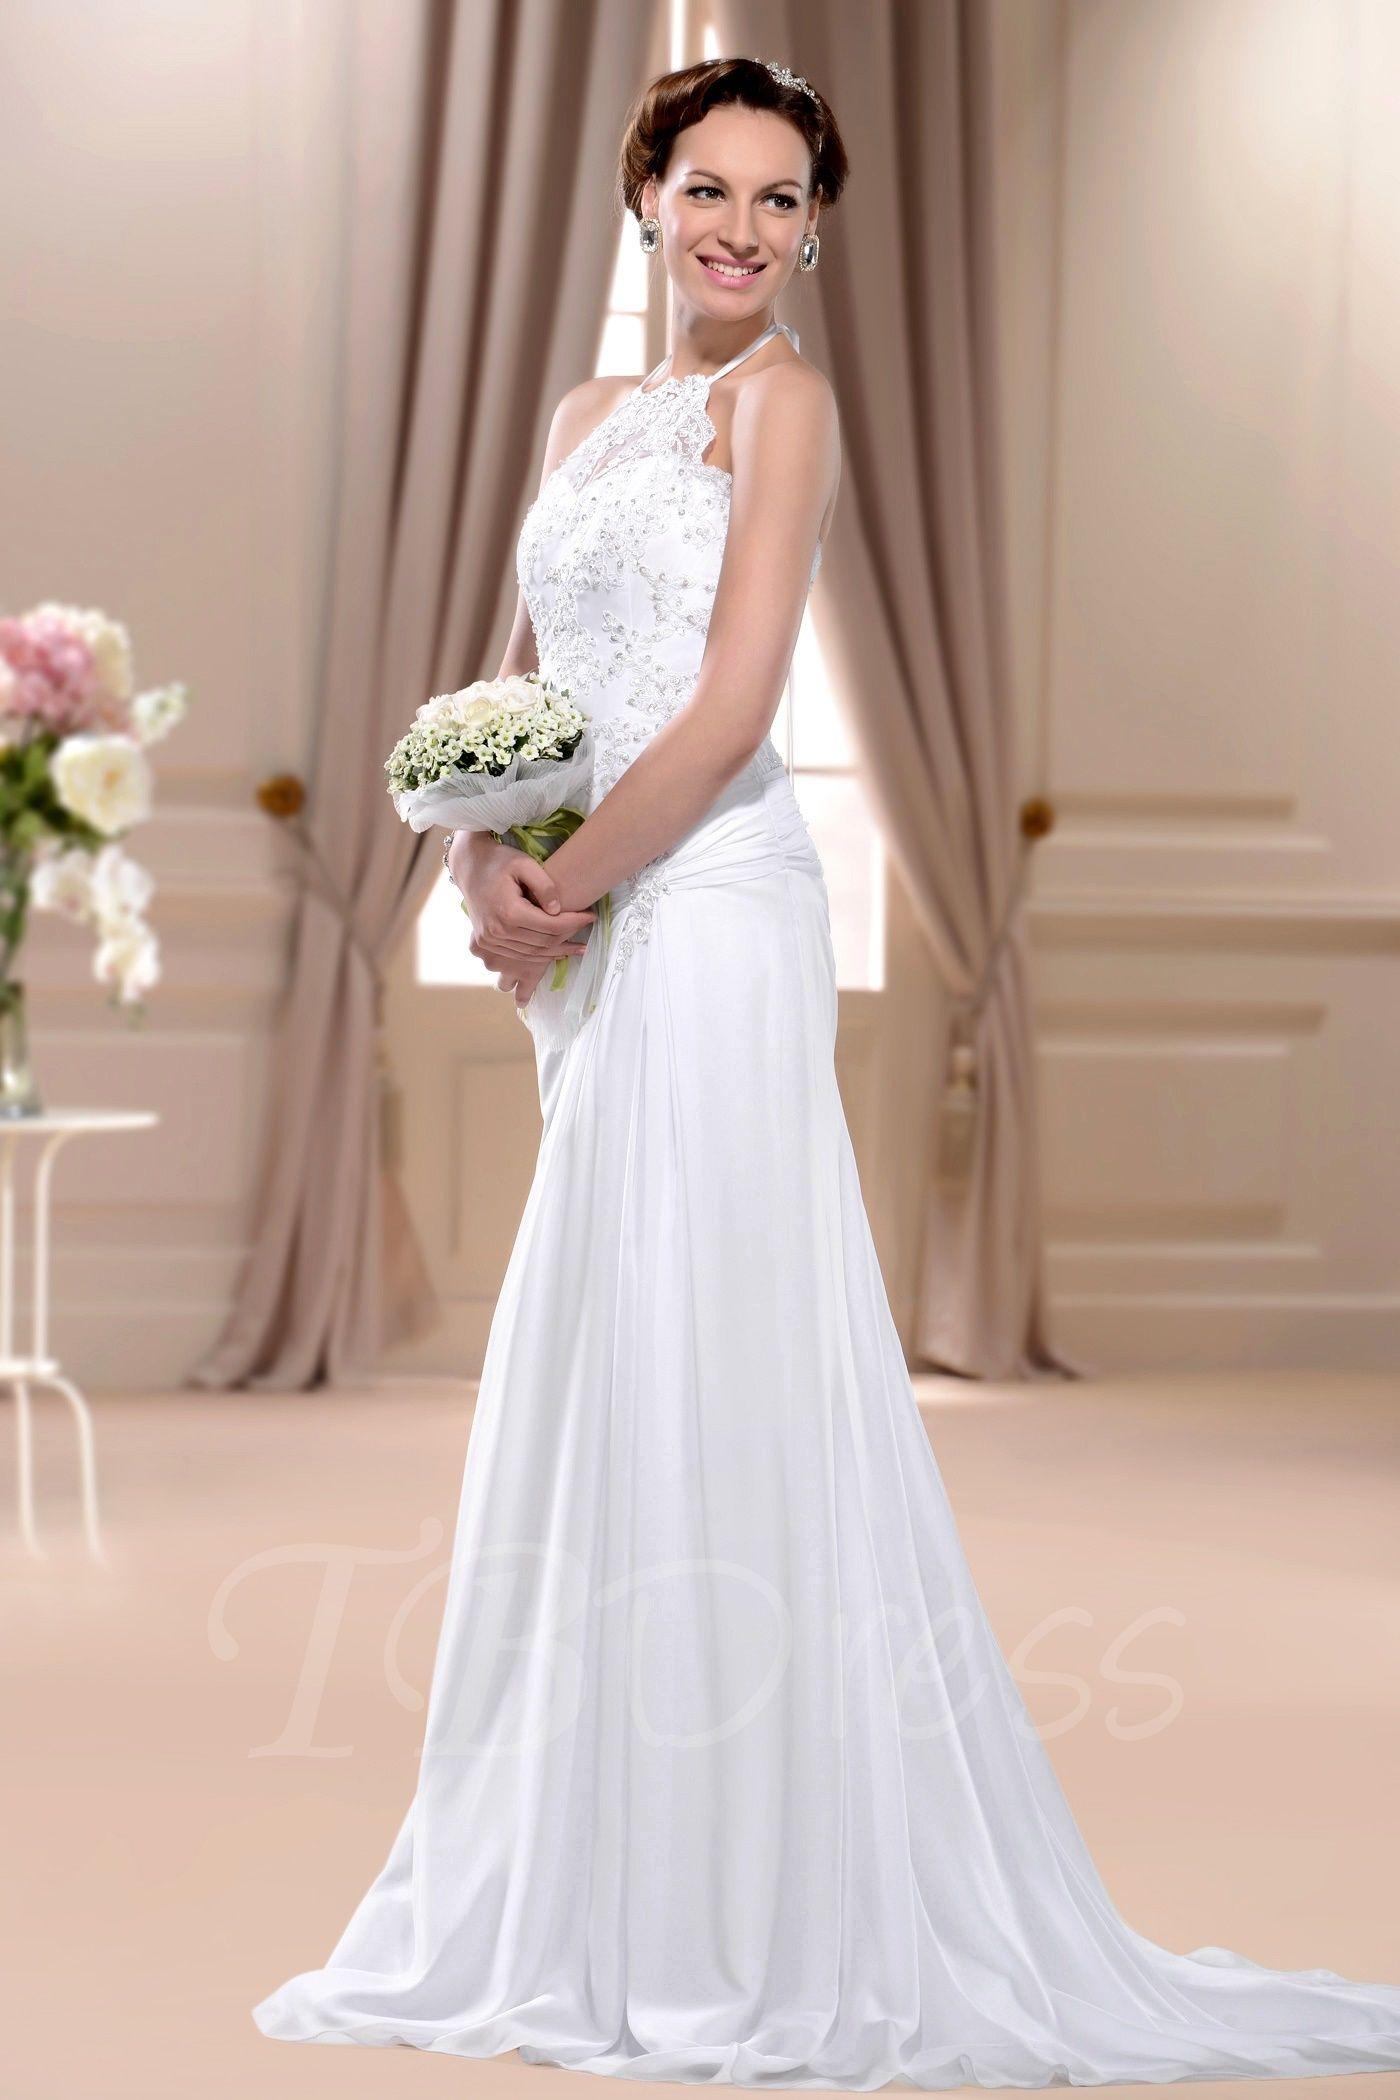 Sheathcolumn highneck sleeveless floorlength court wedding dress